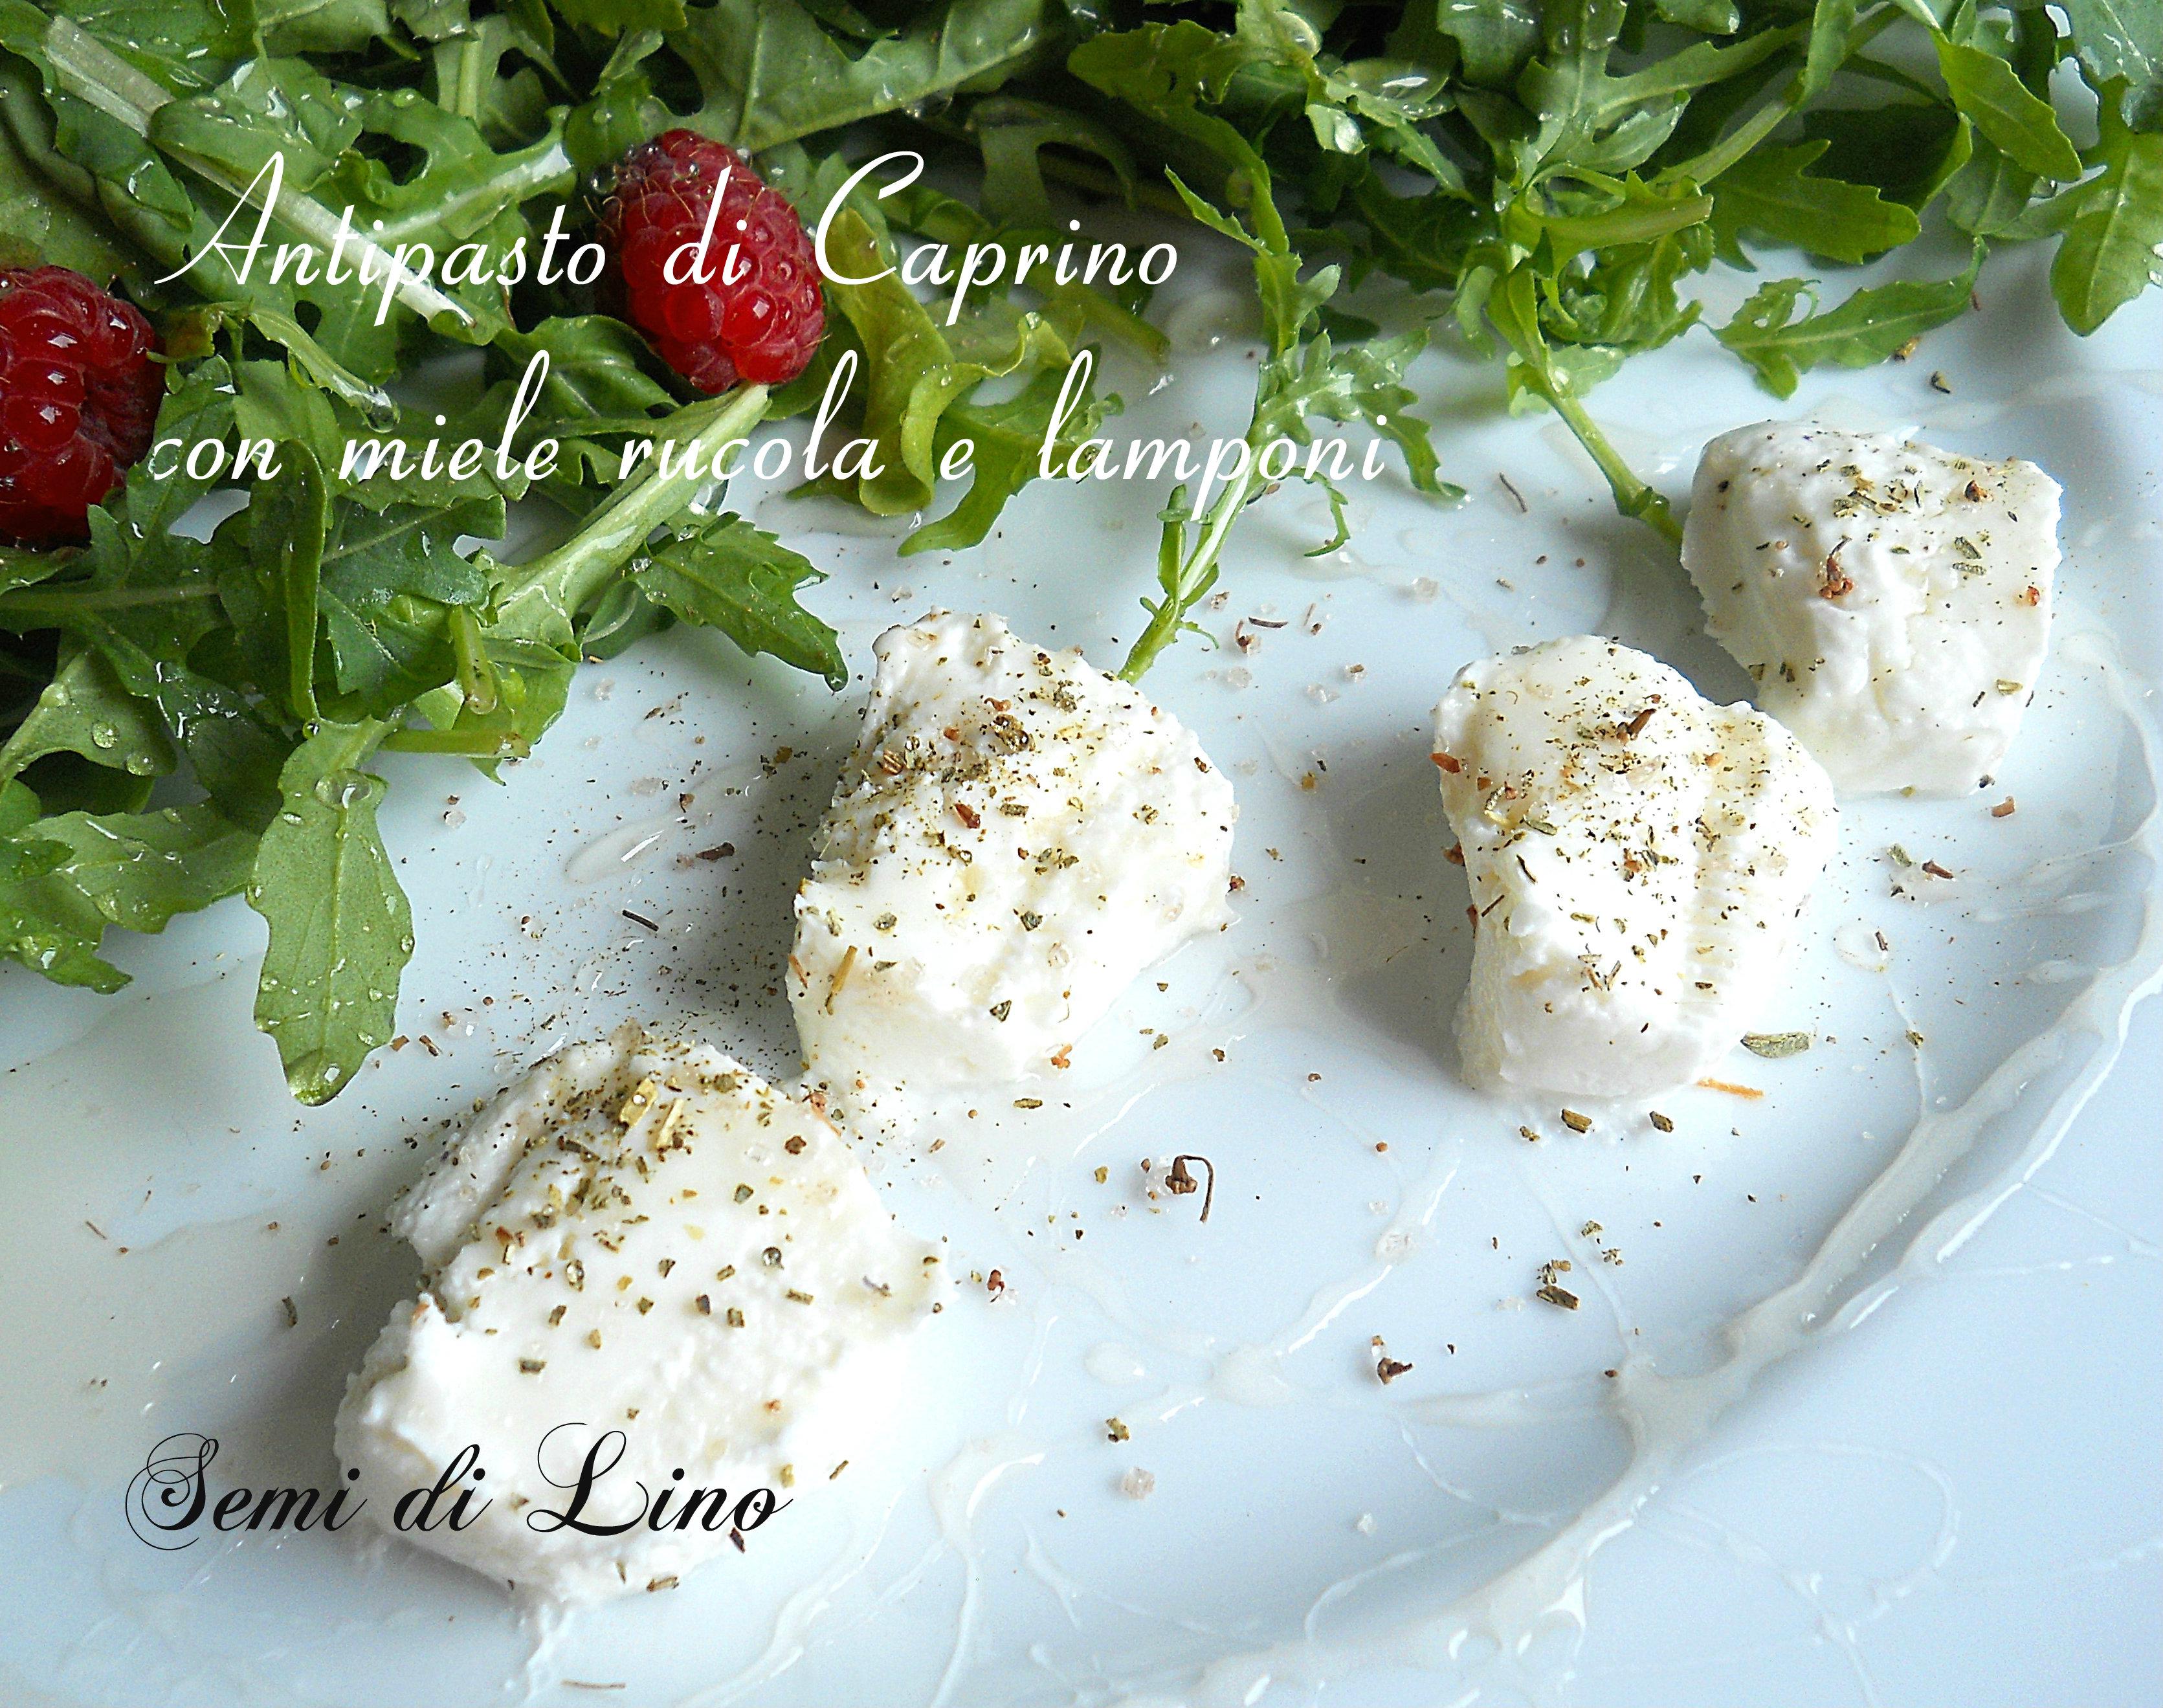 Ricetta Caprino con miele rucola e lamponi